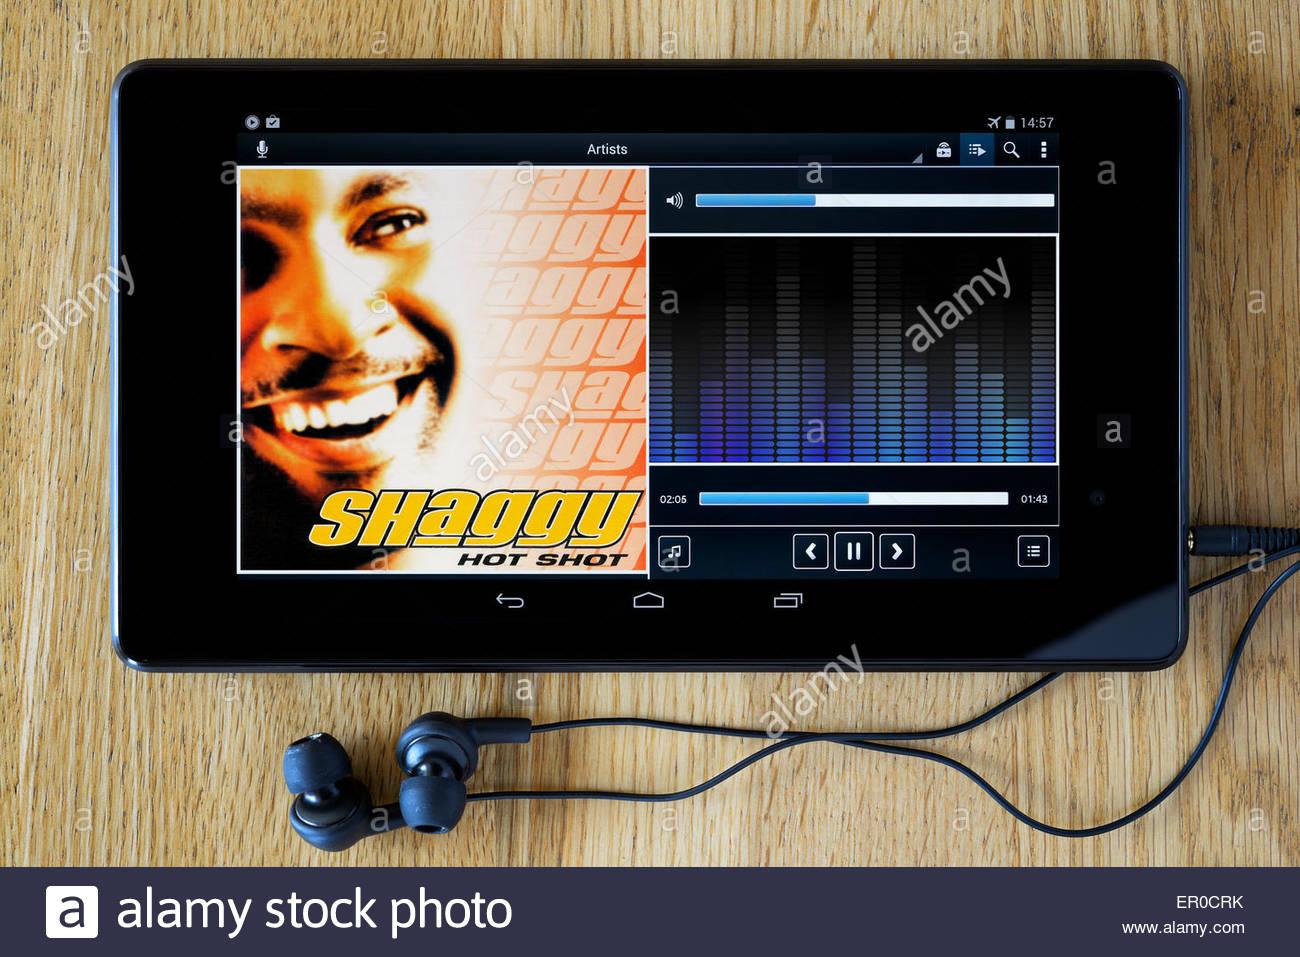 shaggy hot shot full album download